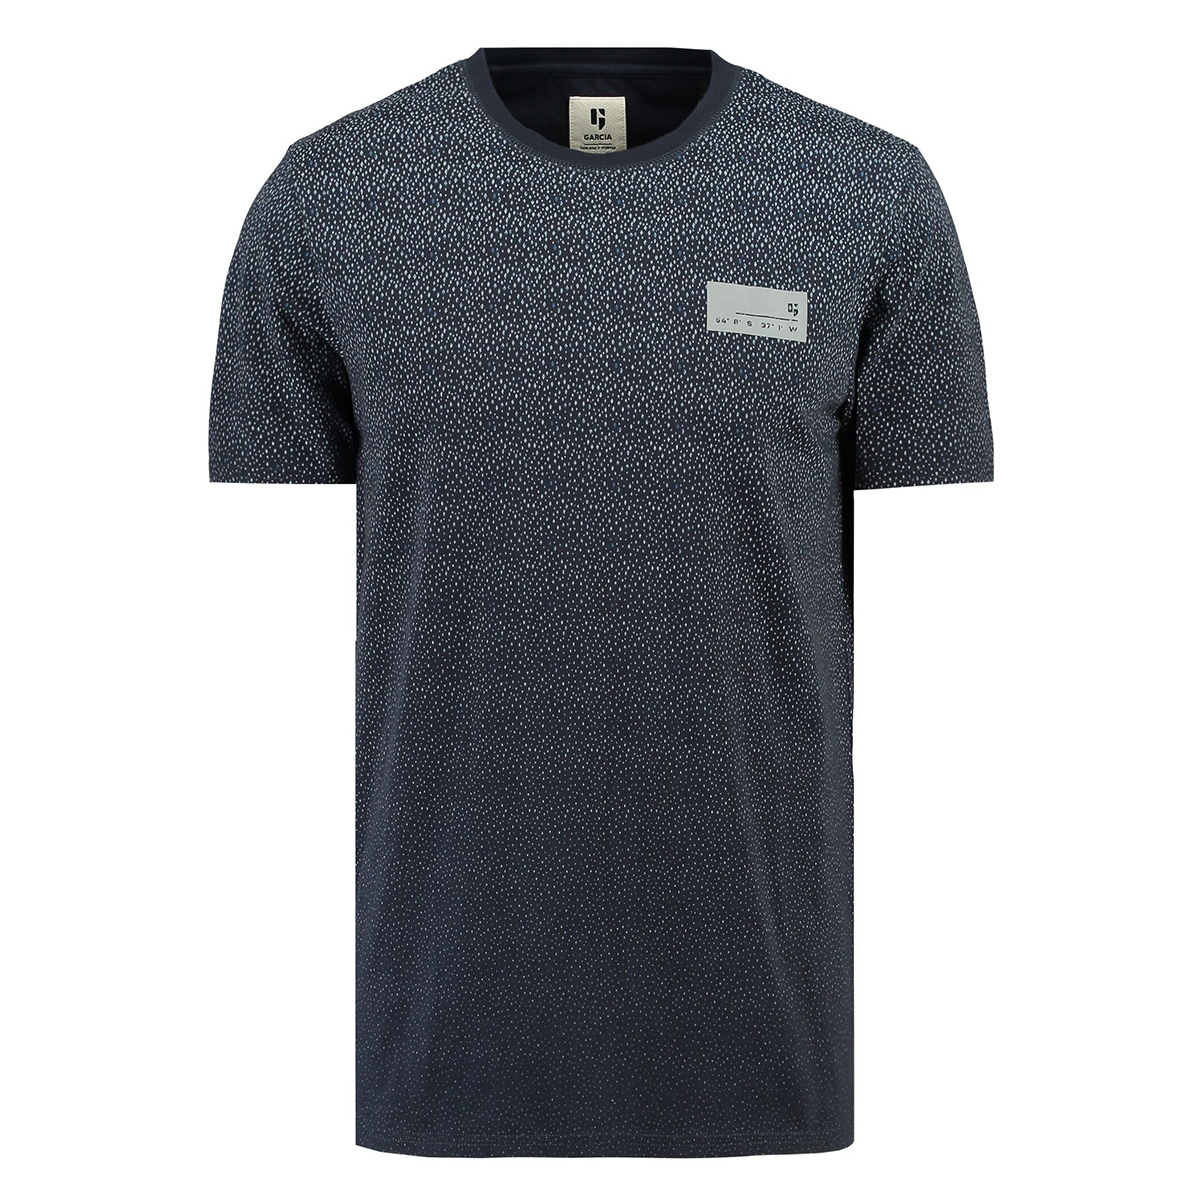 t shirt met korte mouwen i91004 garcia t-shirt 292 dark moon